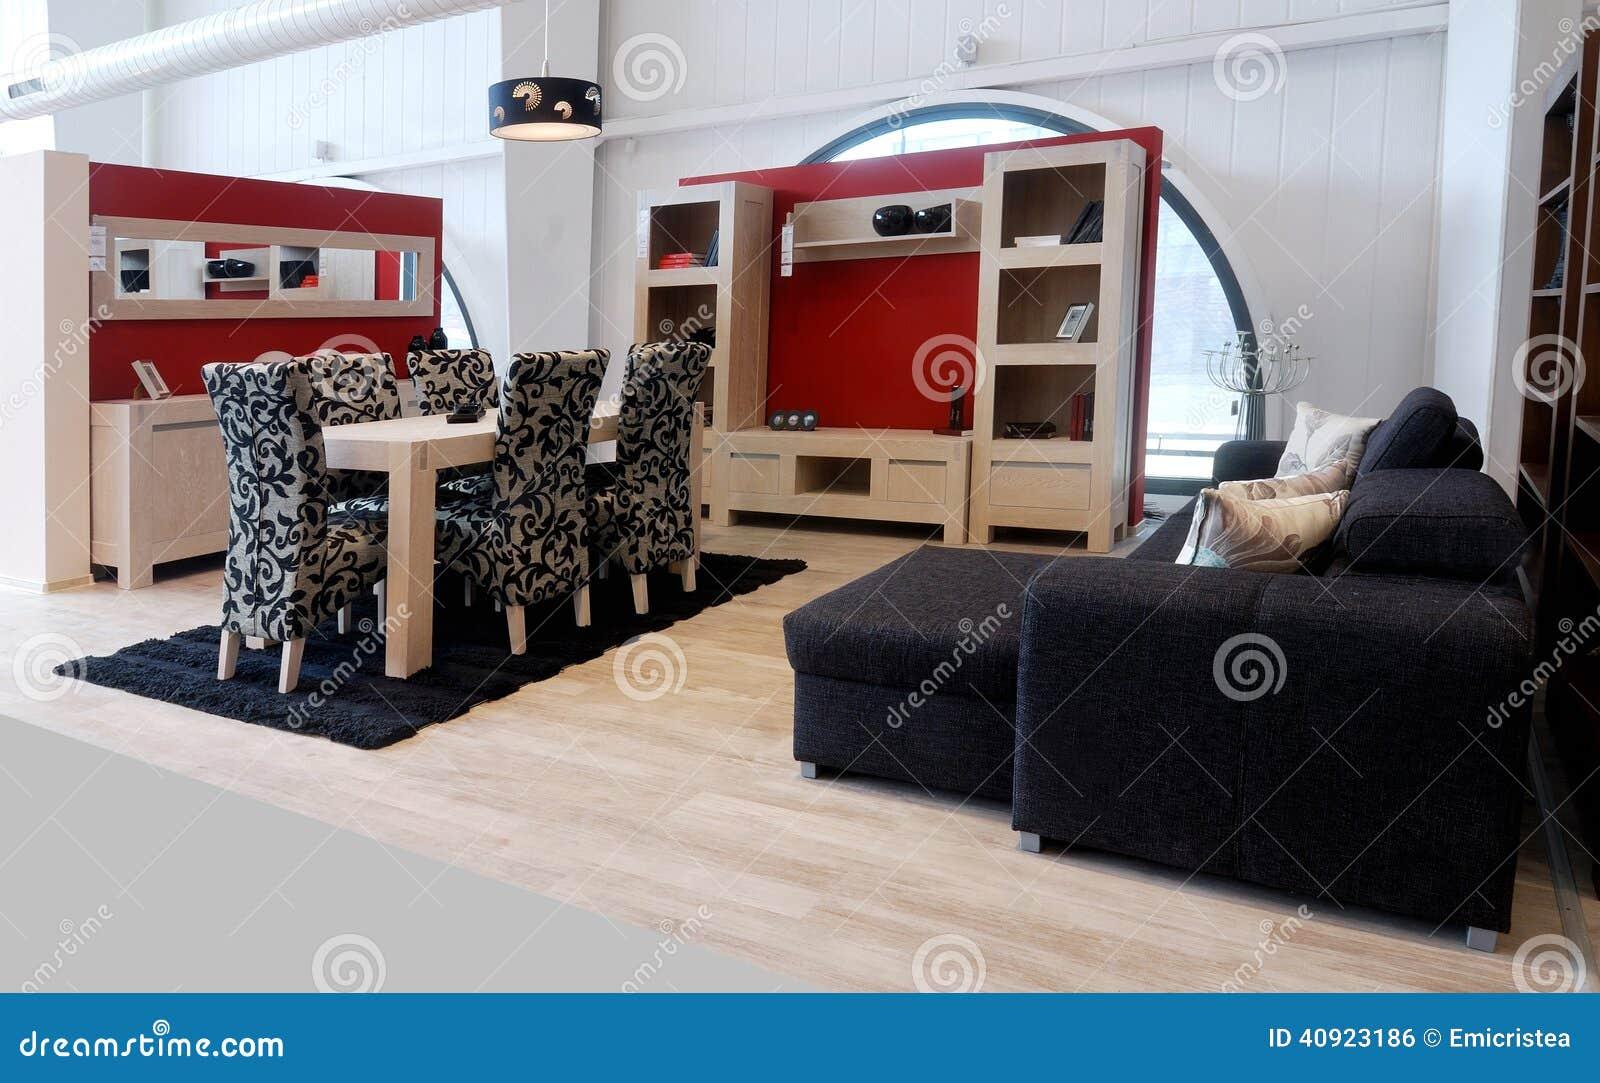 Stilvolle Wohnzimmermöbel stockfoto. Bild von innen, liegesofa ...